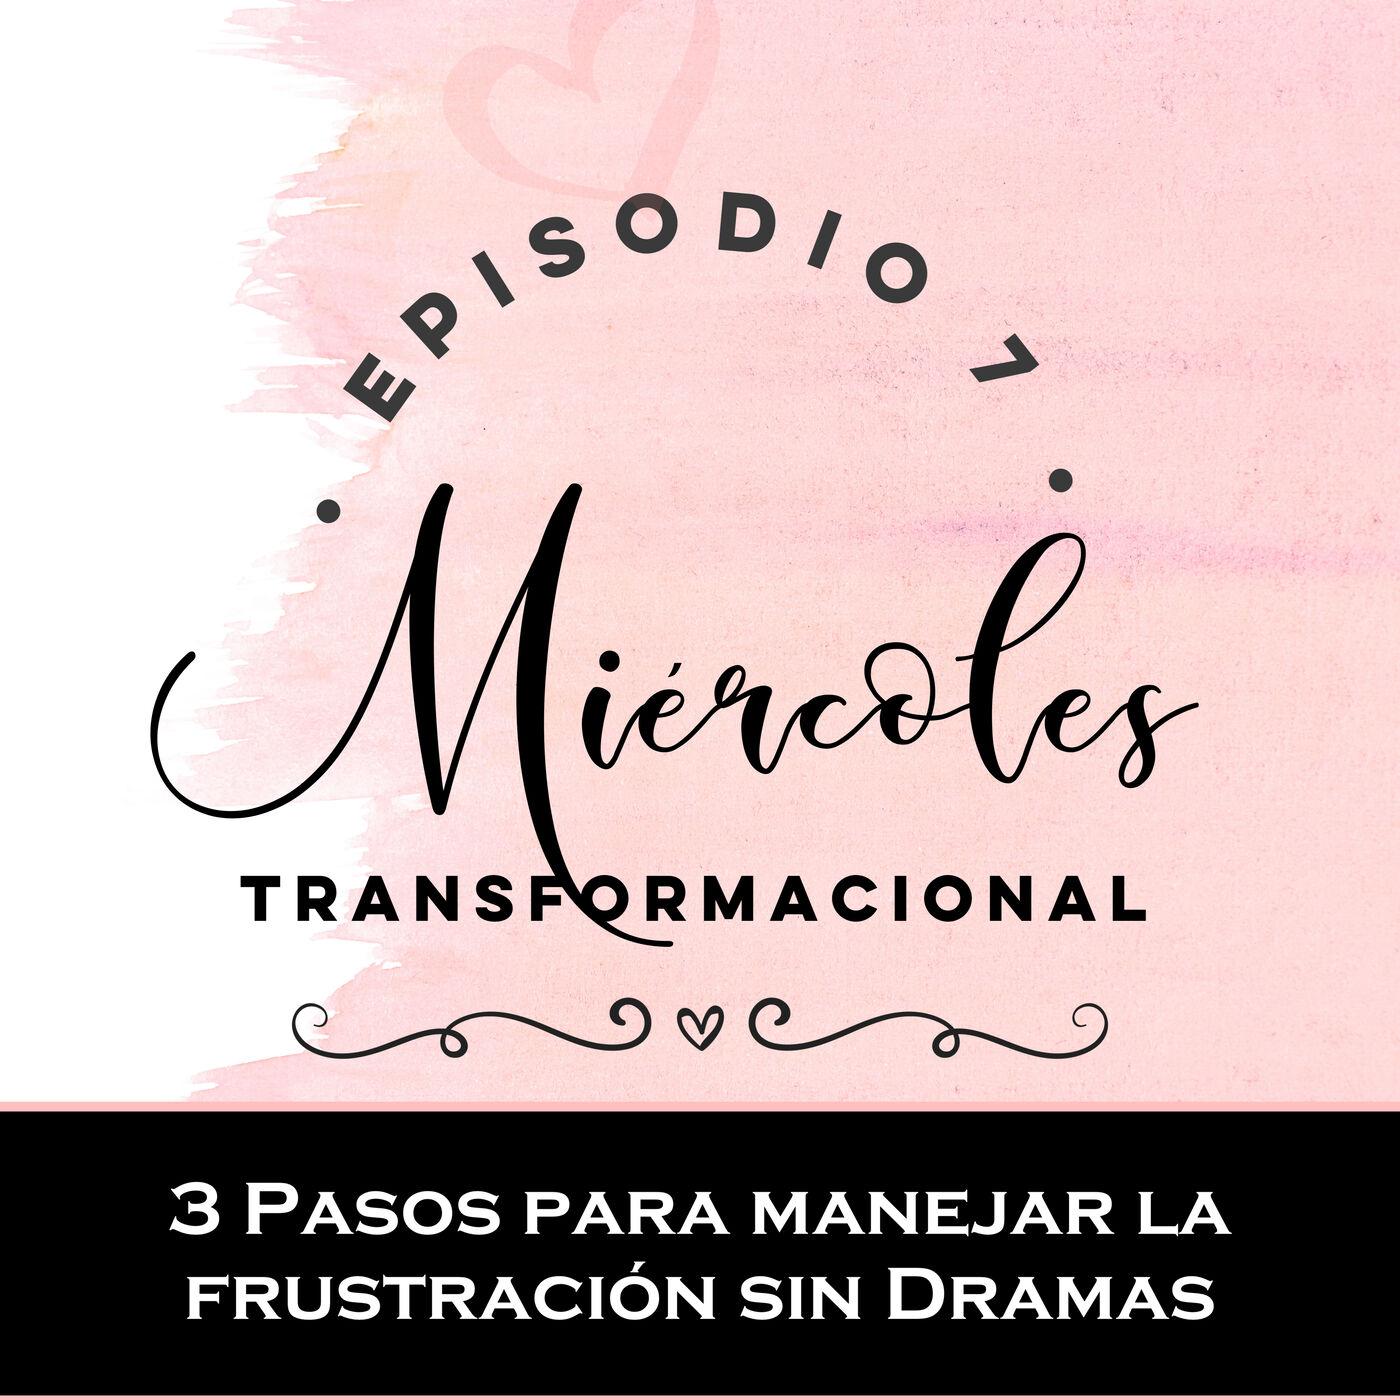 3 Pasos para Manejar la Frustración Responsablemente y sin Dramas